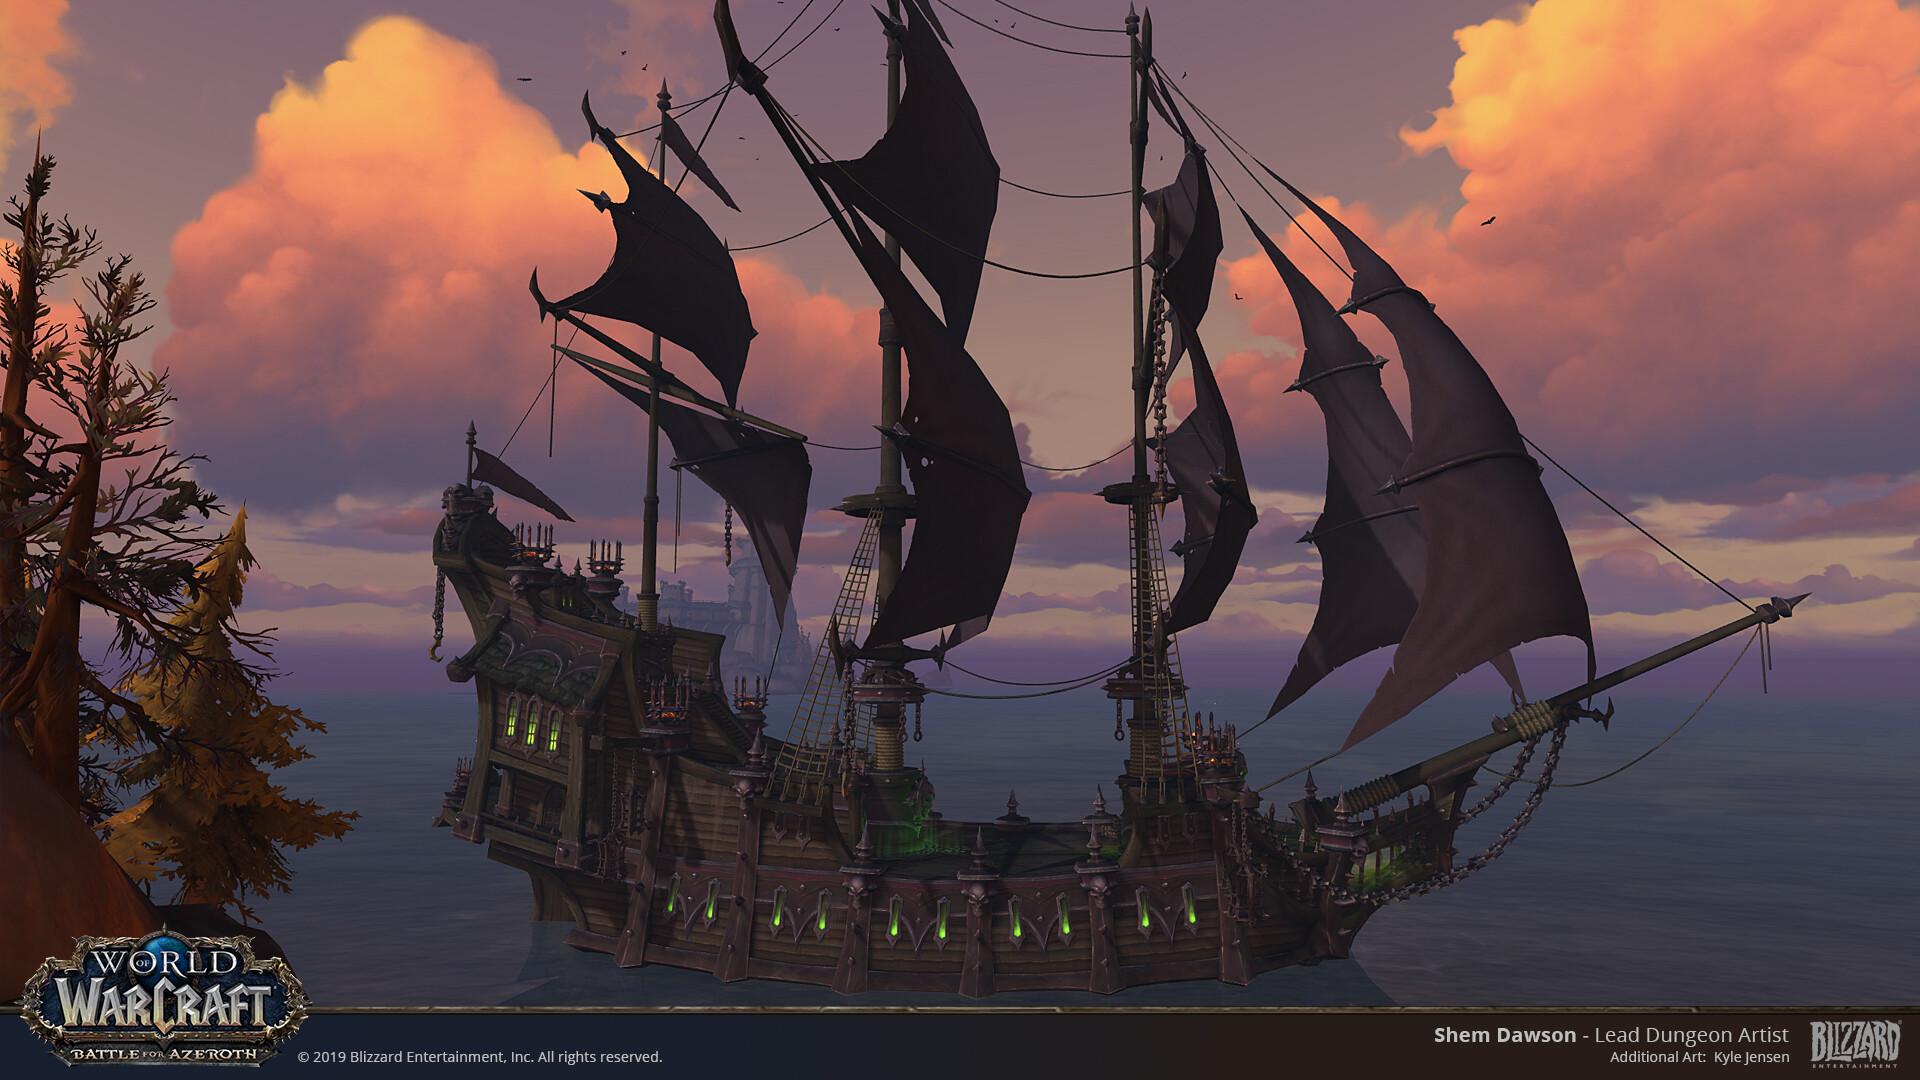 Shem dawson forskaen ship image07